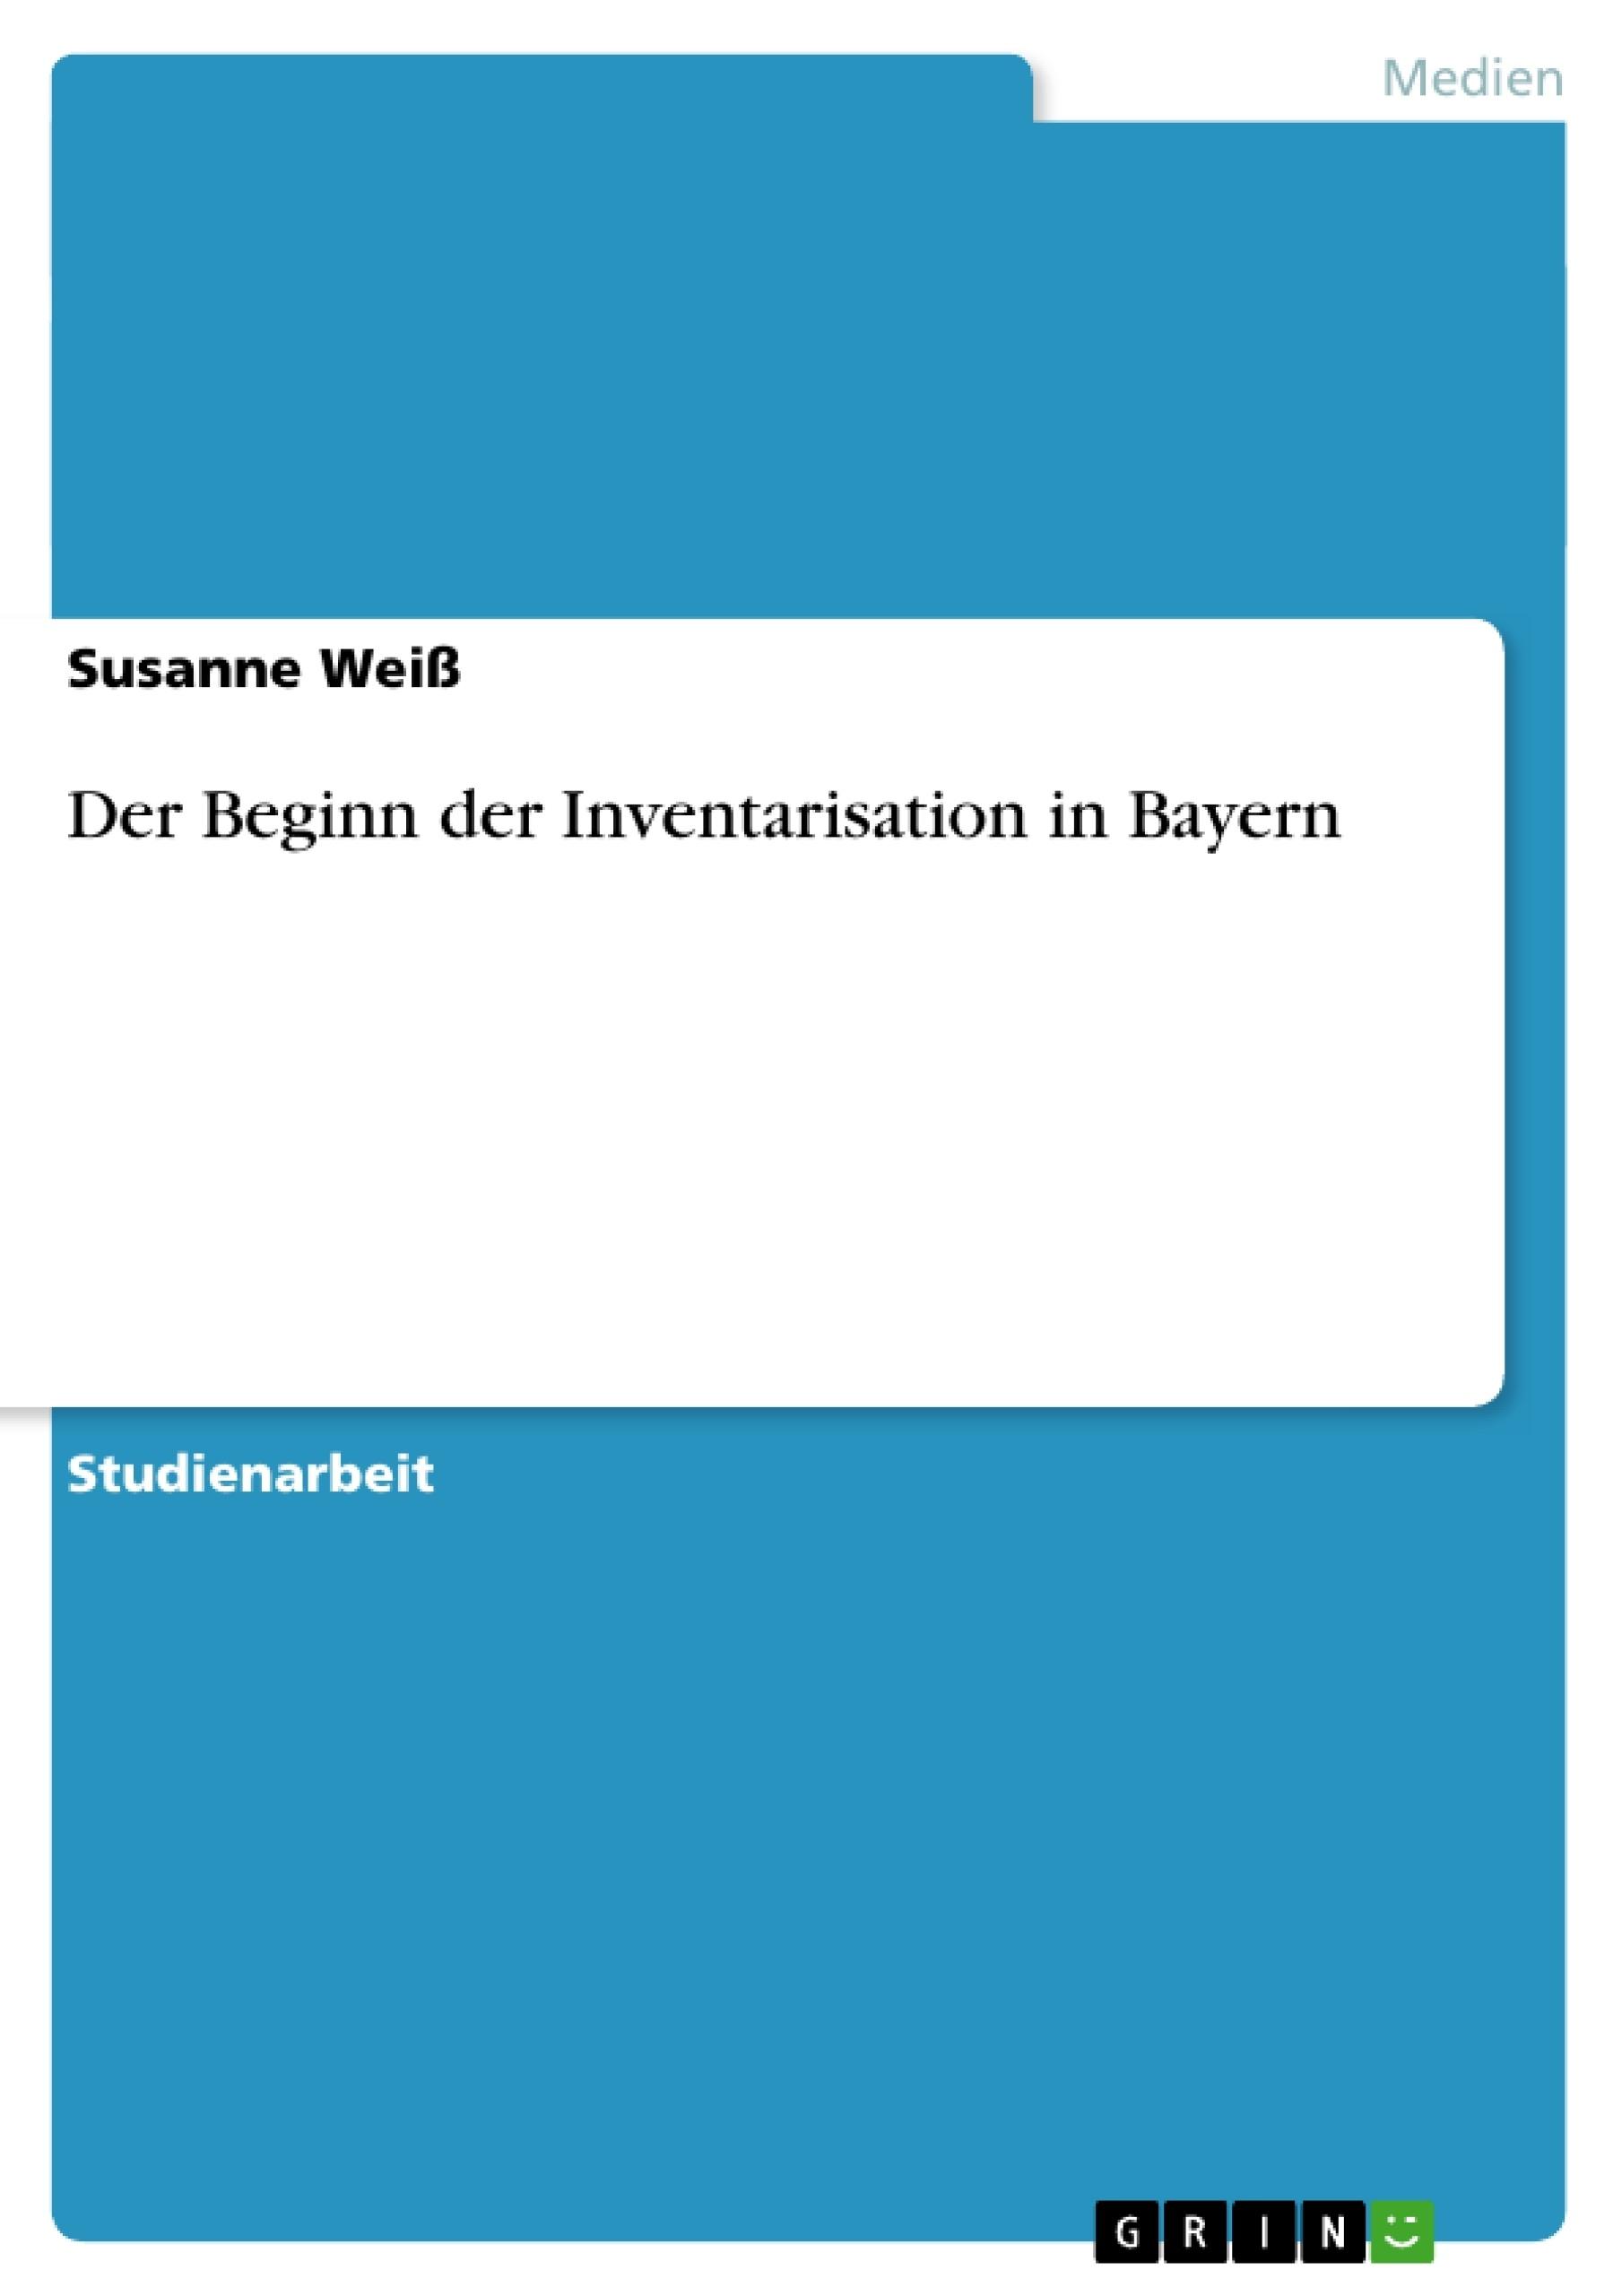 Titel: Der Beginn der Inventarisation in Bayern